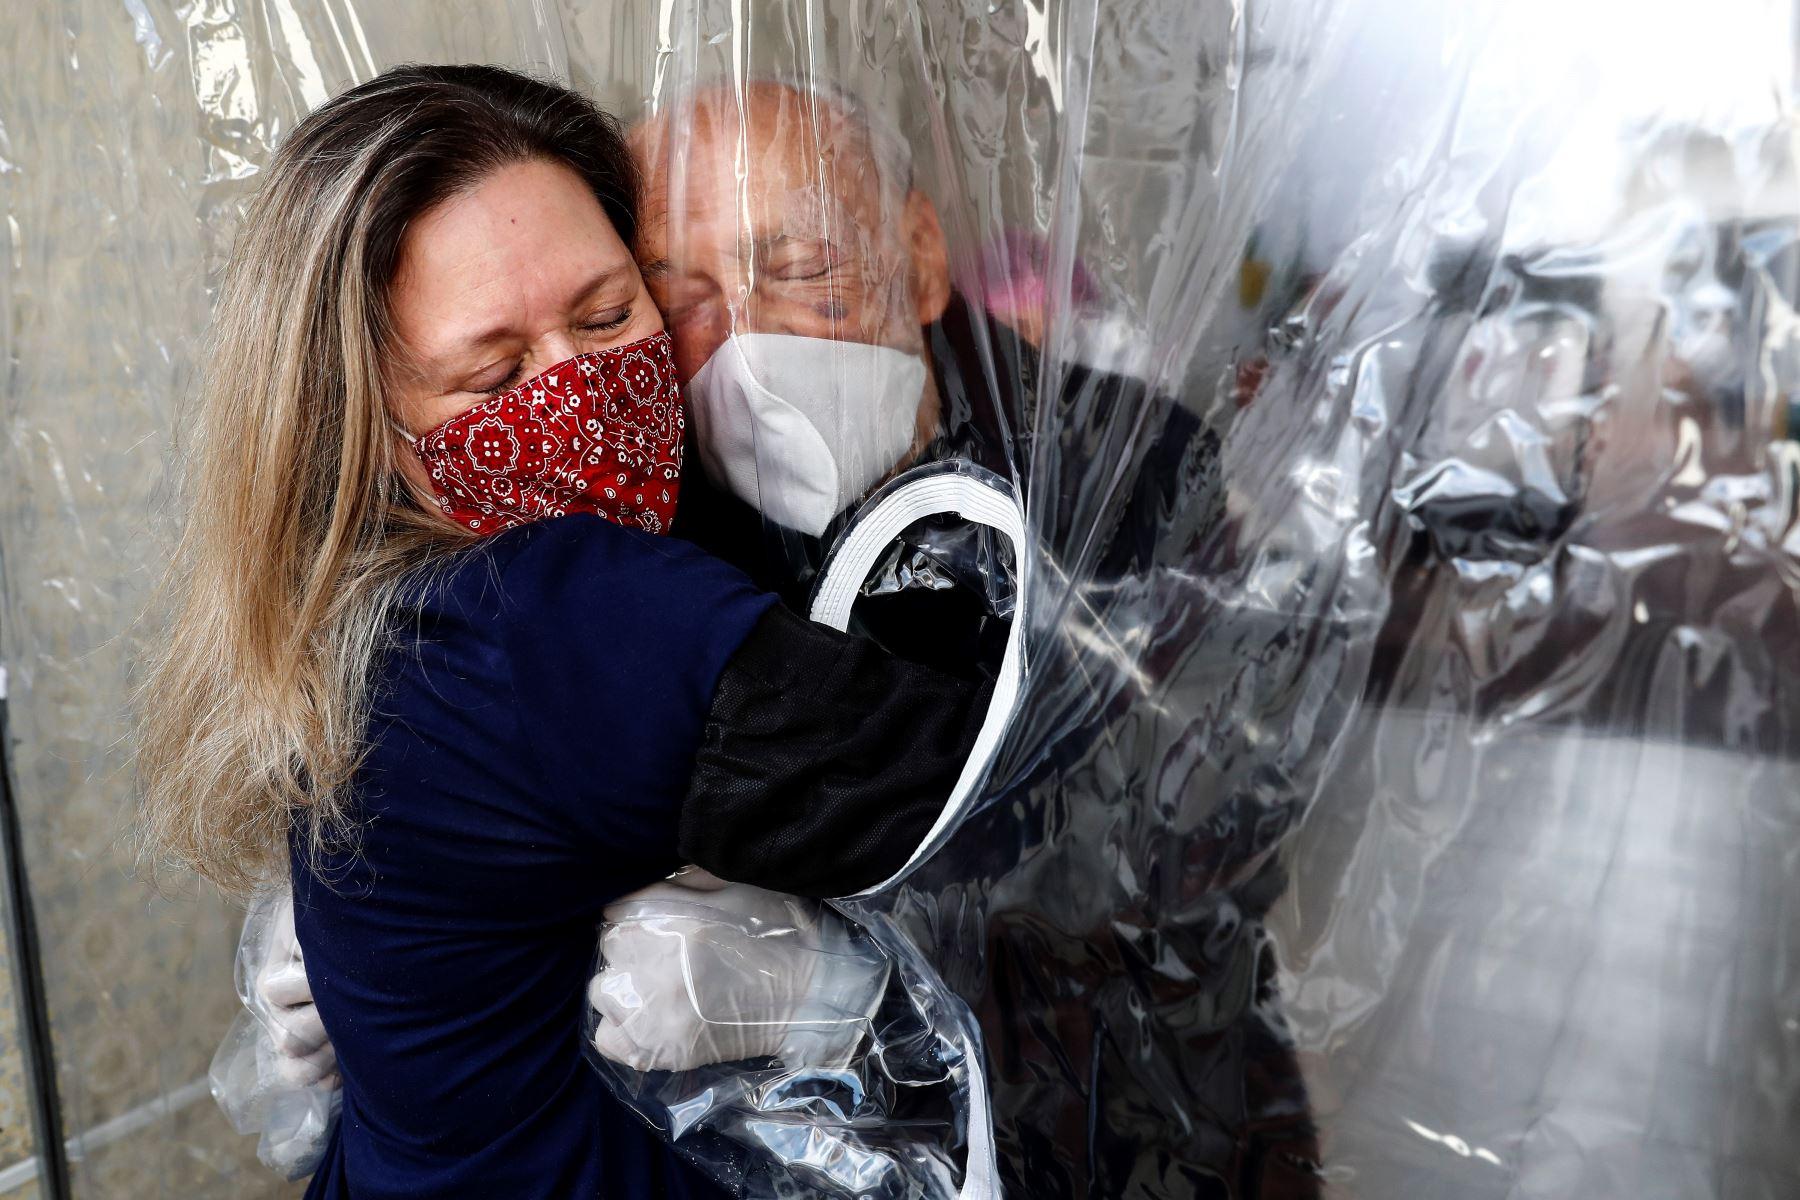 El gigante suramericano es el segundo país del mundo más afectado por la covid-19, solo por detrás de Estados Unidos. Foto: EFE